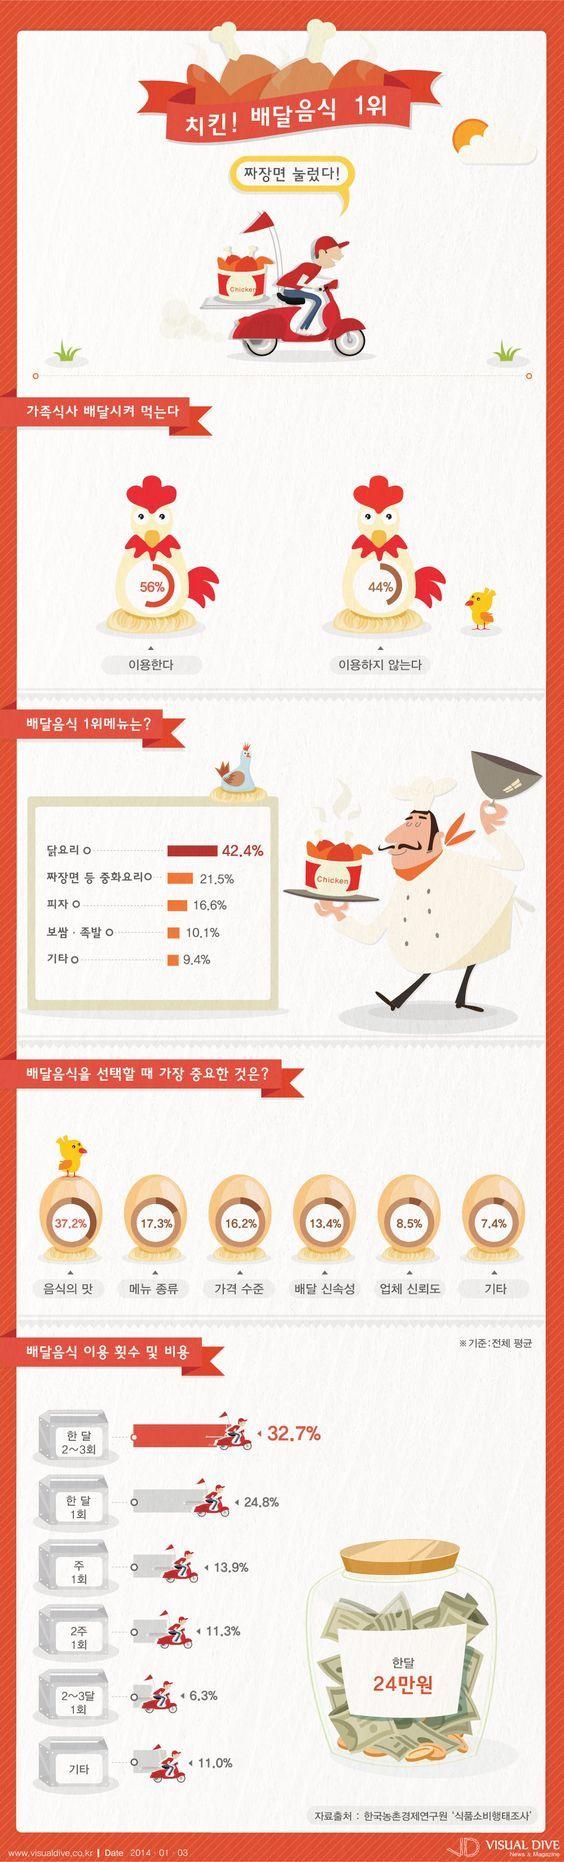 [인포그래픽] 배달음식 1위 치킨…짜장면 눌렀다 #chicken / #Infographic ⓒ 비주얼다이브 무단 복사·전재·재배포 금지: